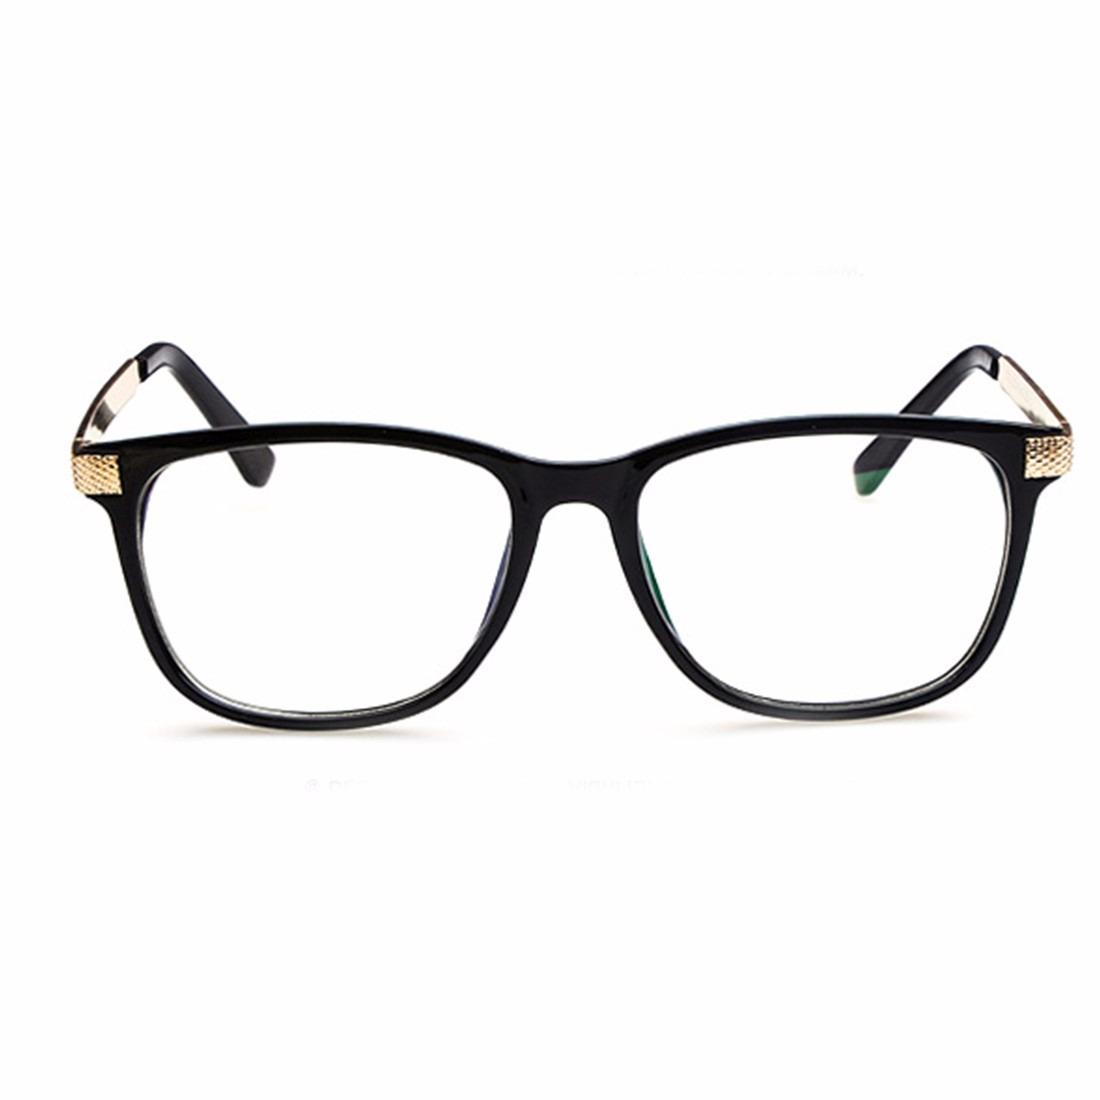 a48fd6e275cd1 armação óculos - acetato quadrada grande novo feminino da. Carregando zoom.